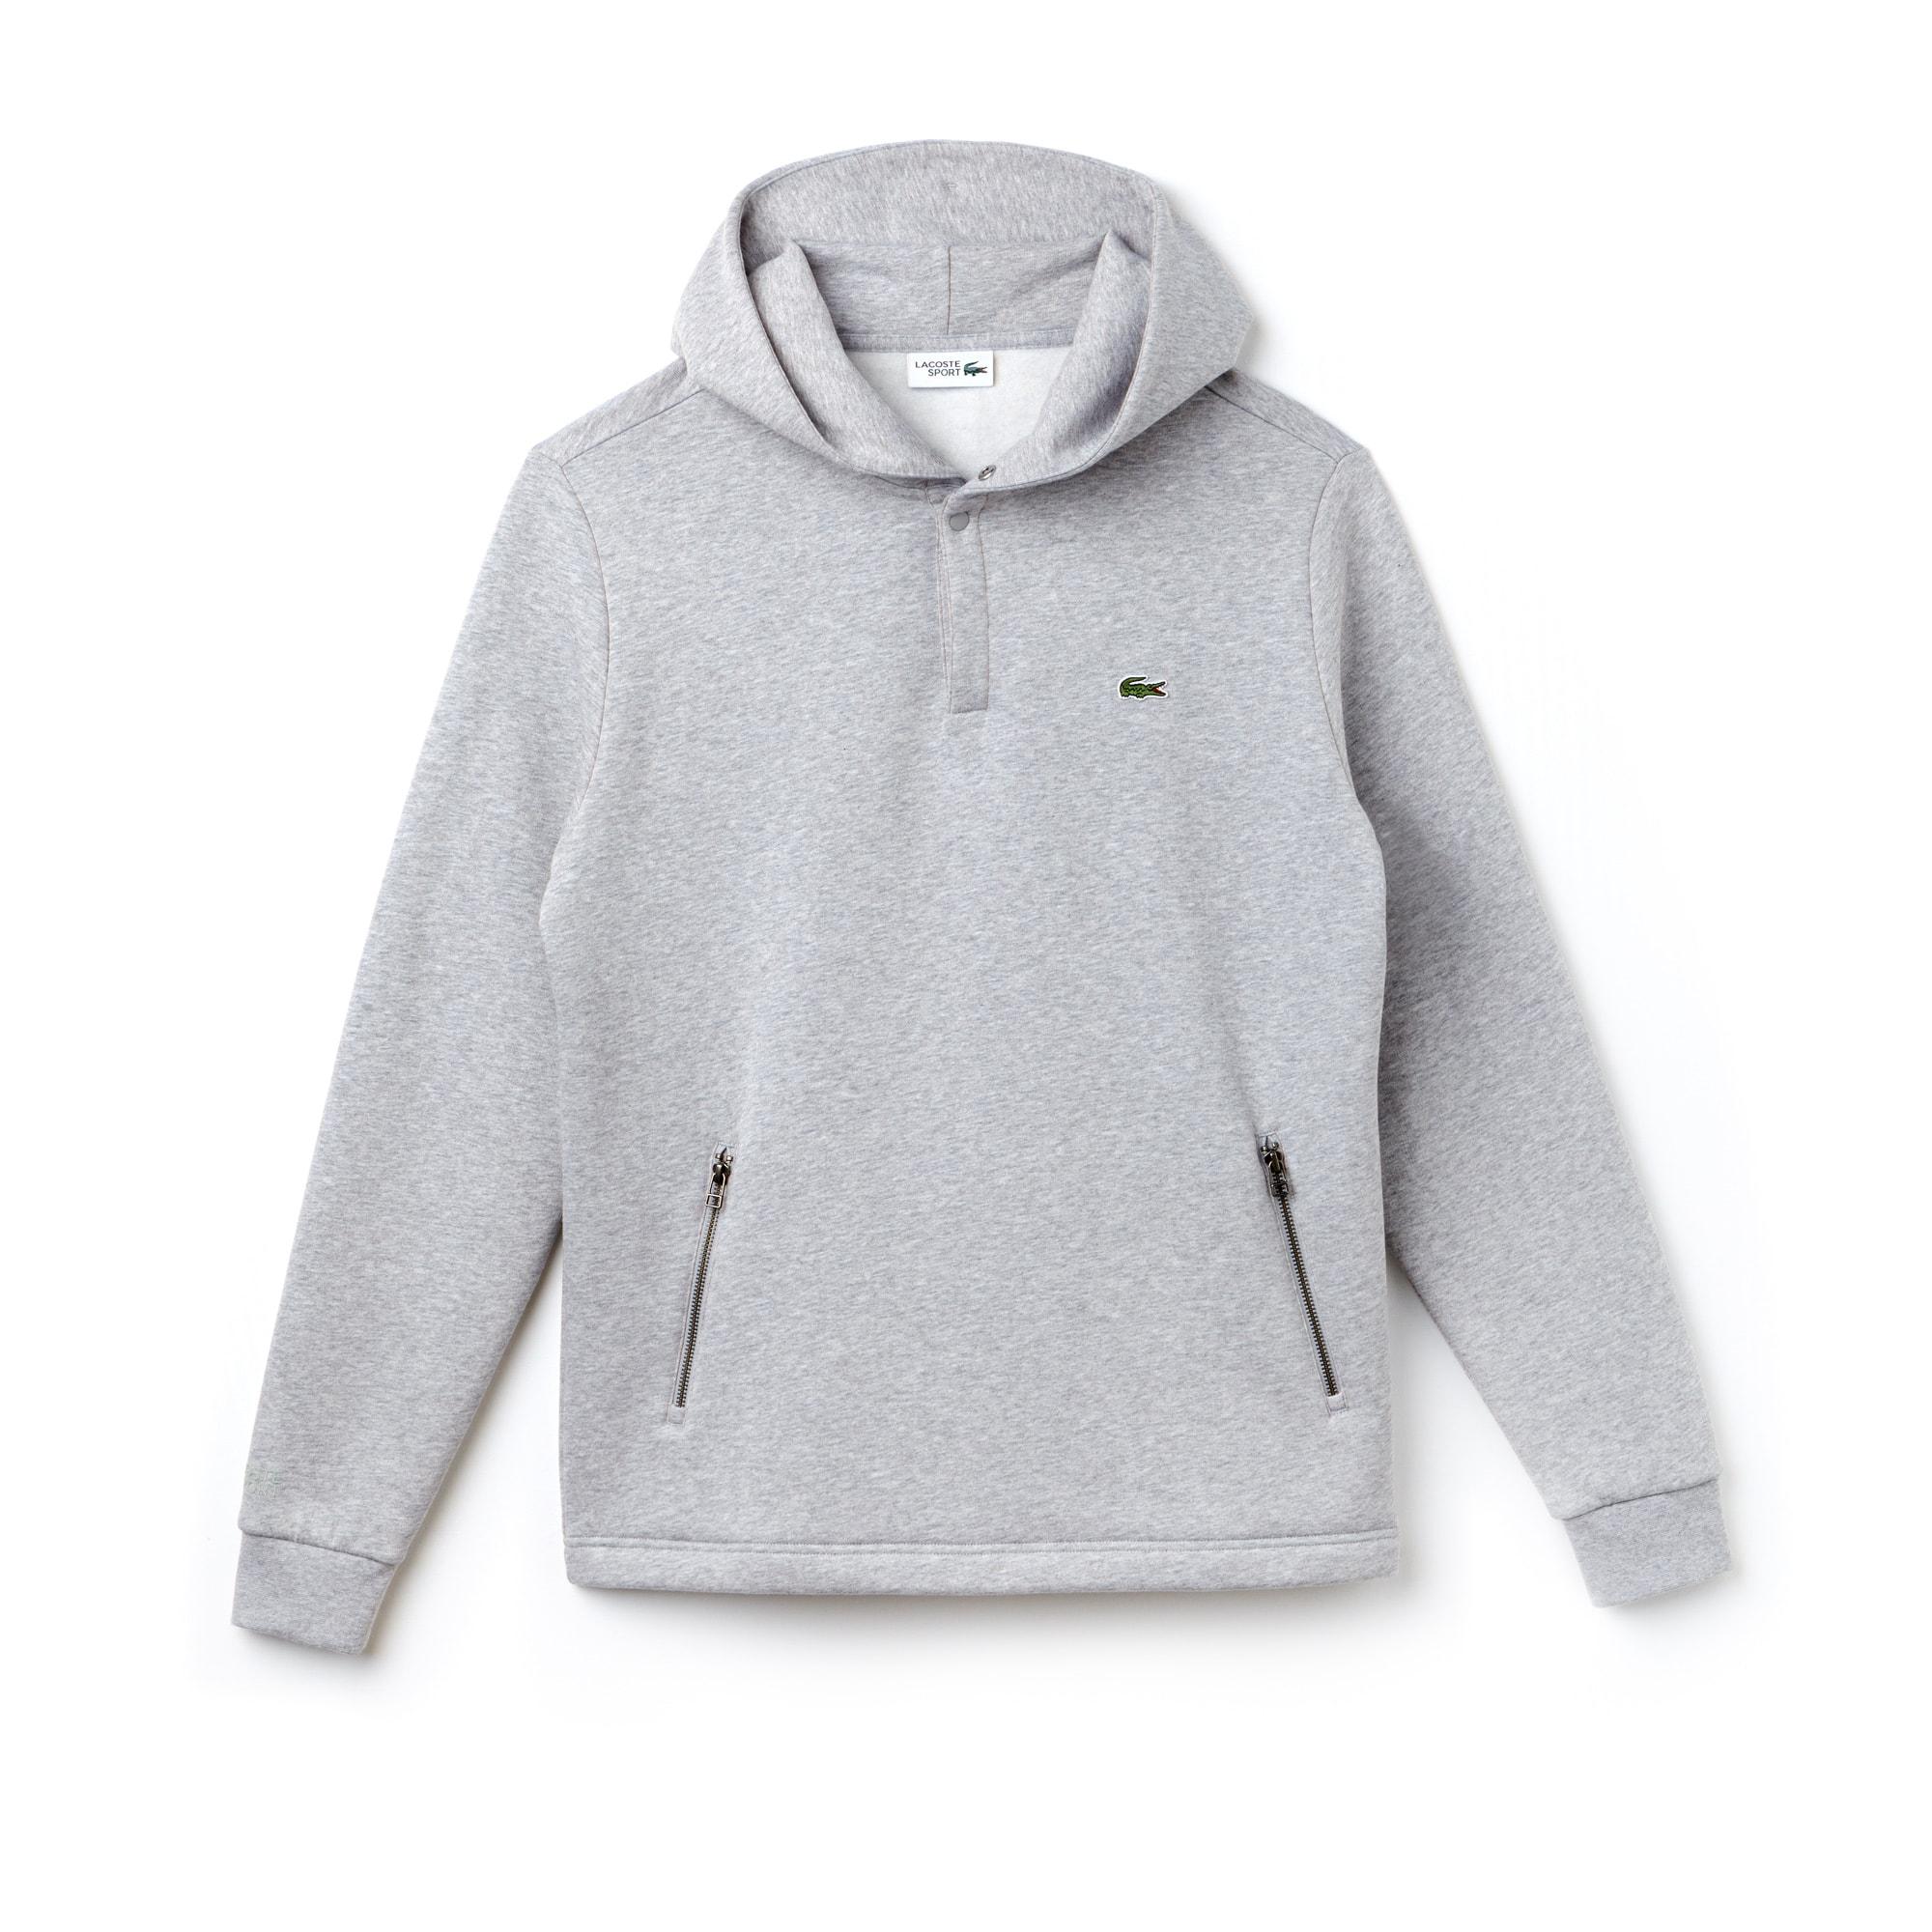 Lacoste SPORT Tennis-sweatshirt heren fleece met capuchon